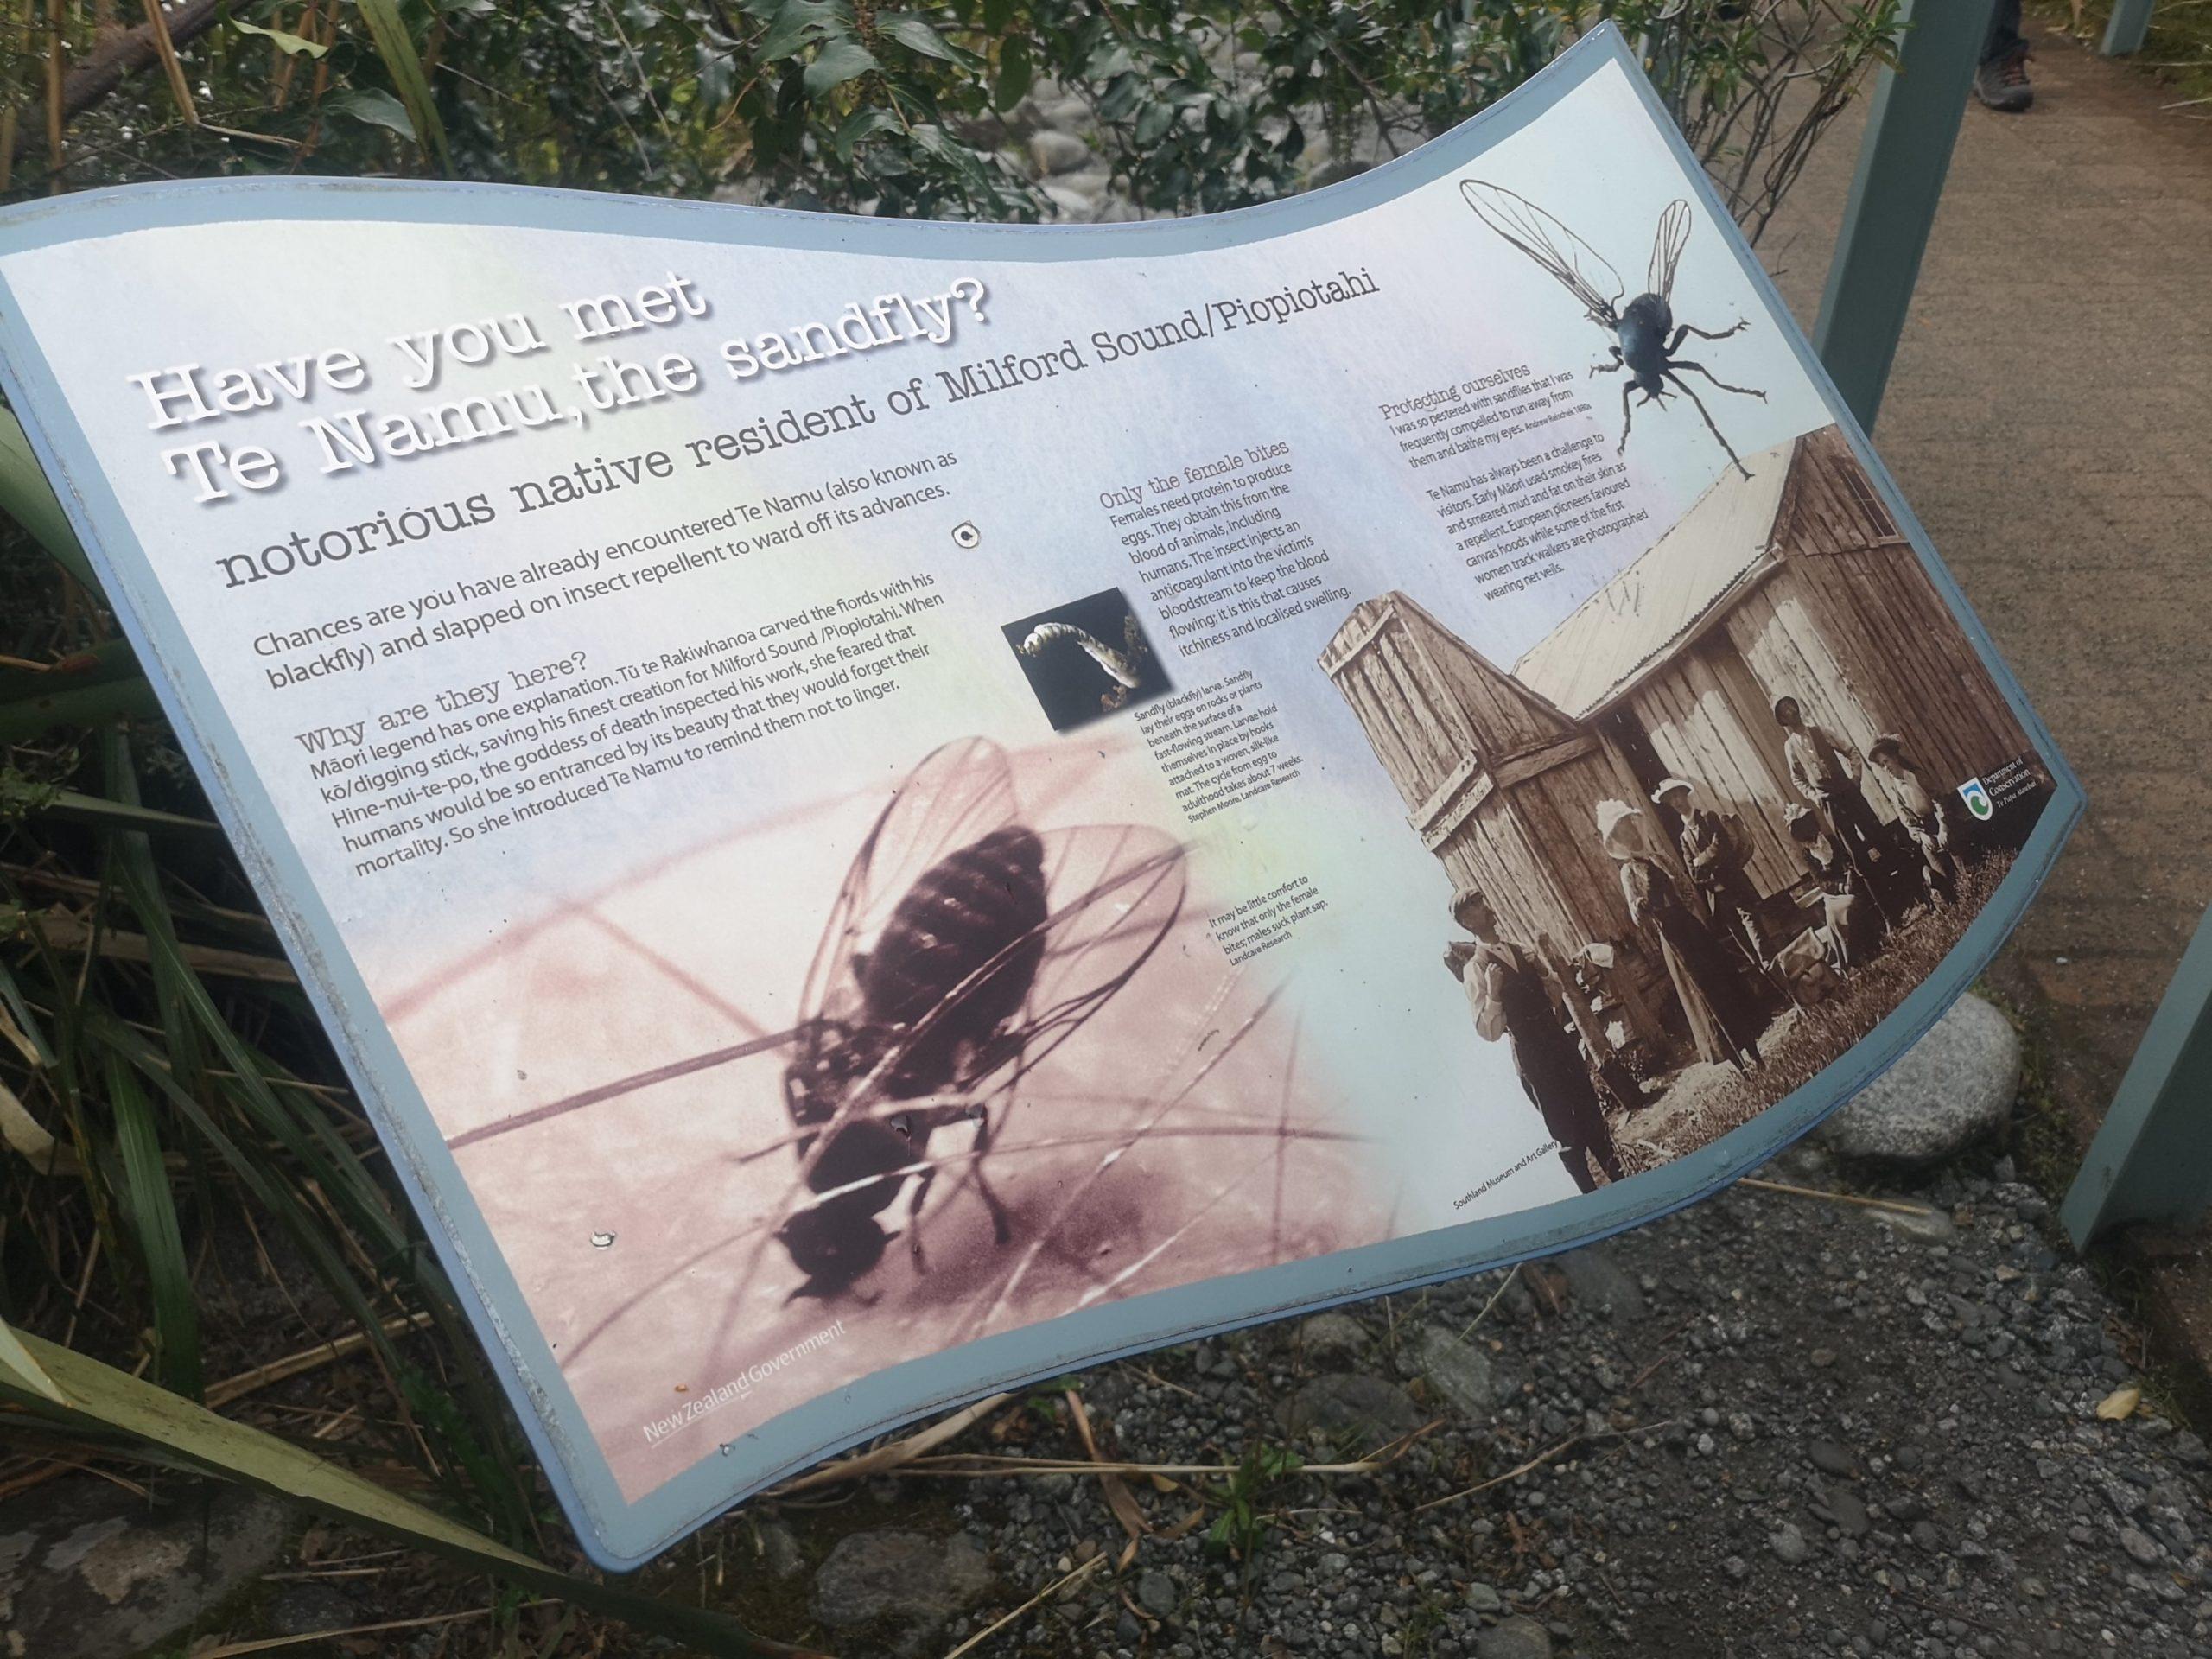 Czym zaskoczyła nas Nowa Zelandia? - miliony much